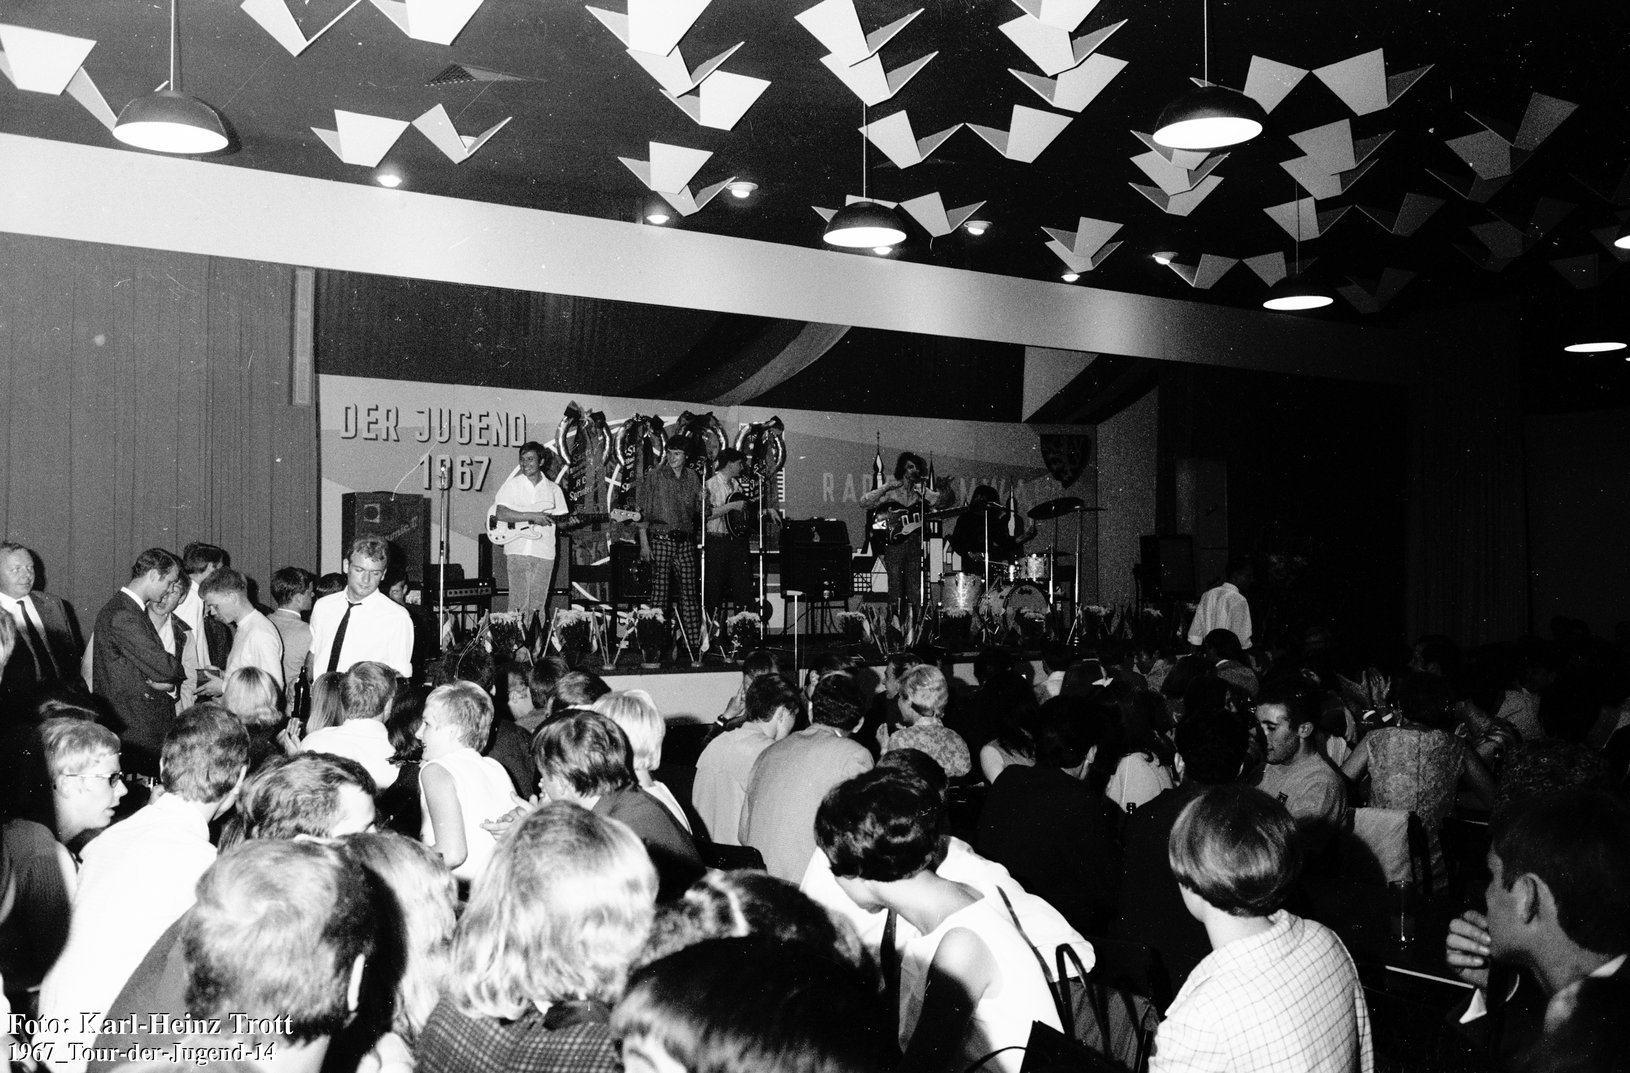 1967 - Tour der Jugend